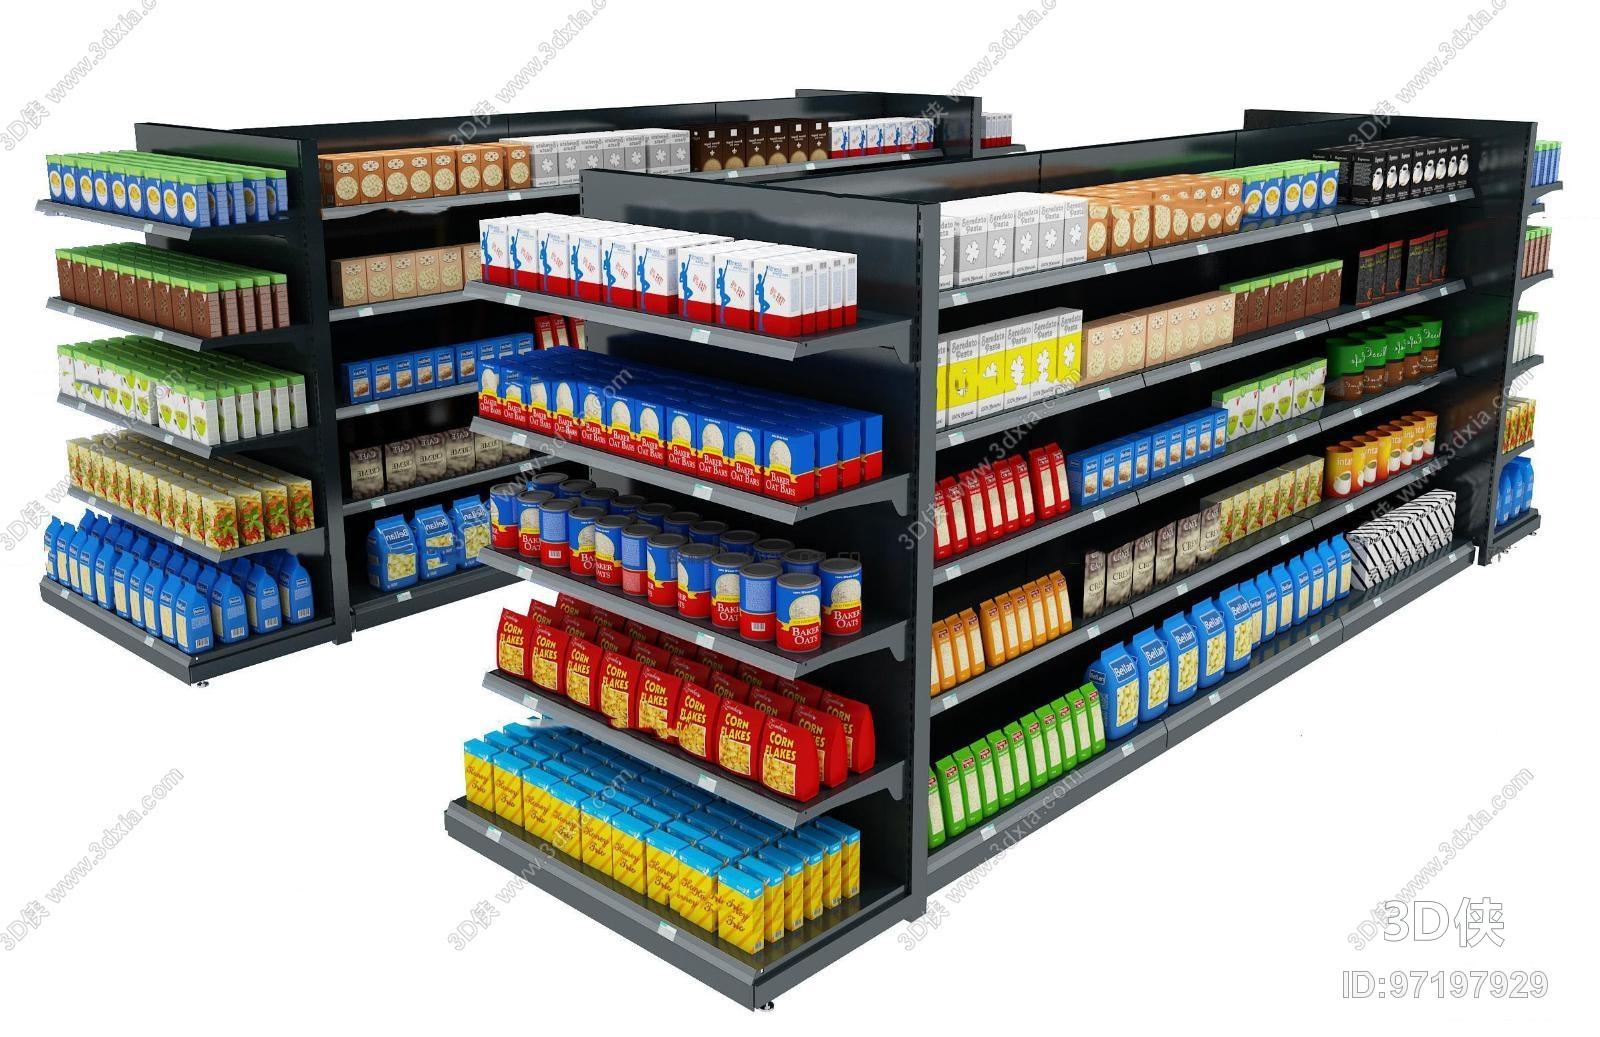 货架效果图素材免费下载,本作品主题是现代零食超市货架组合3d模型